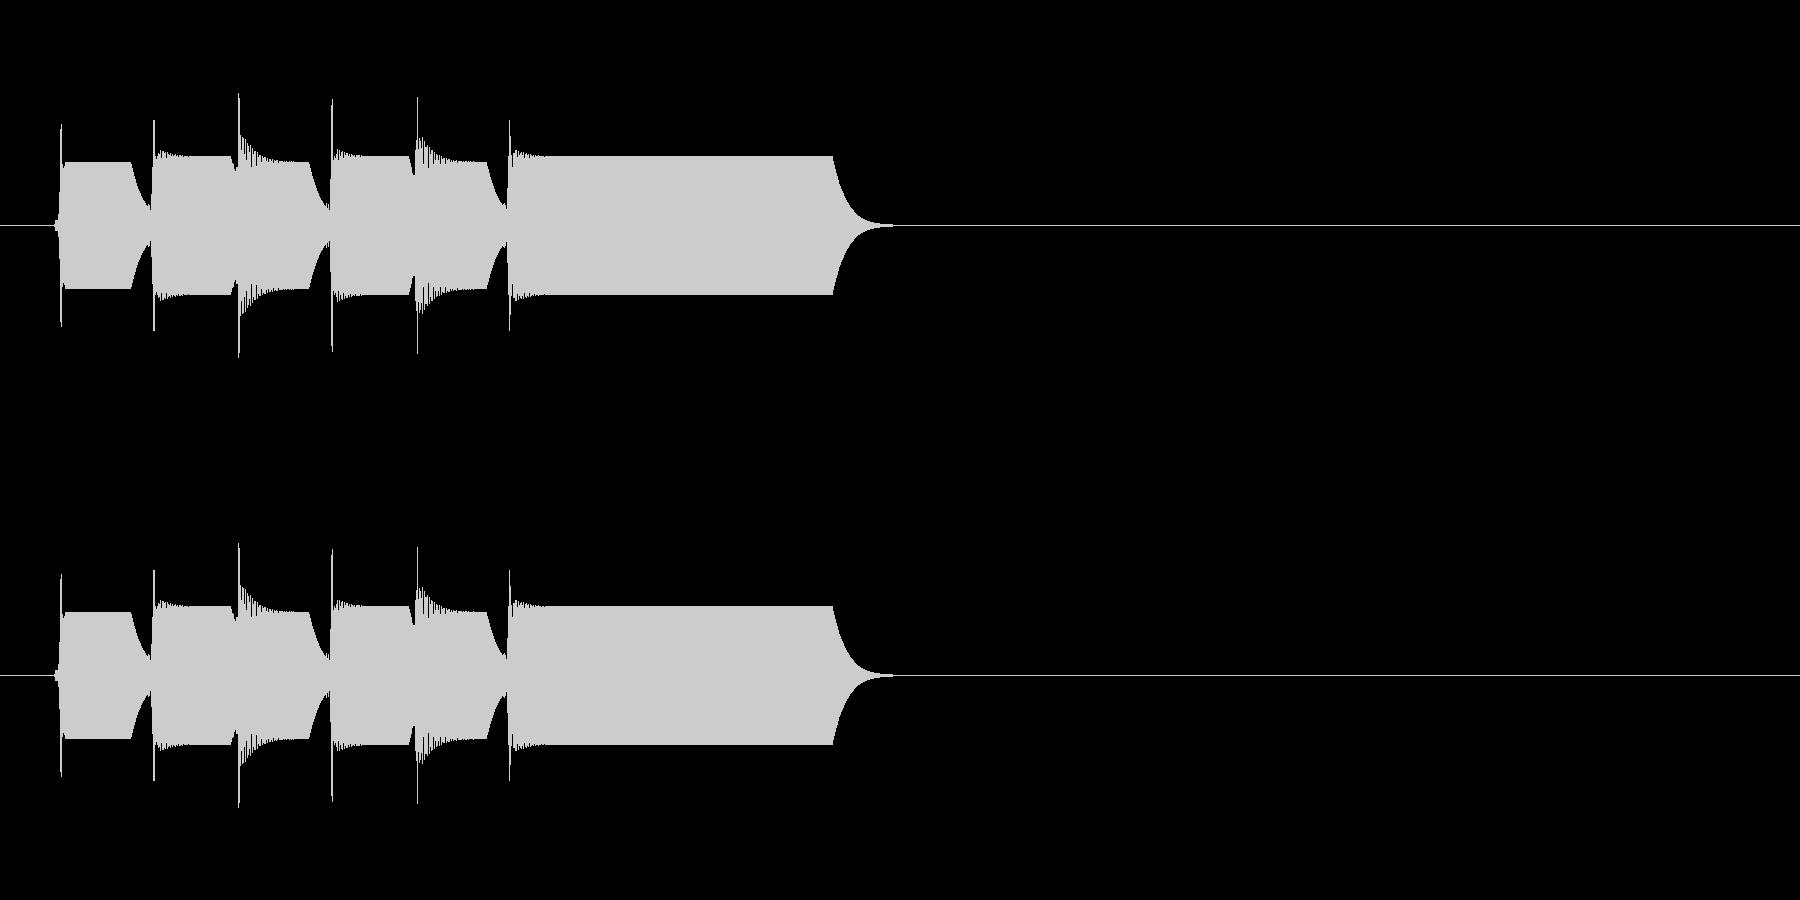 ピコーンx3/クイズゲームの正解音などにの未再生の波形